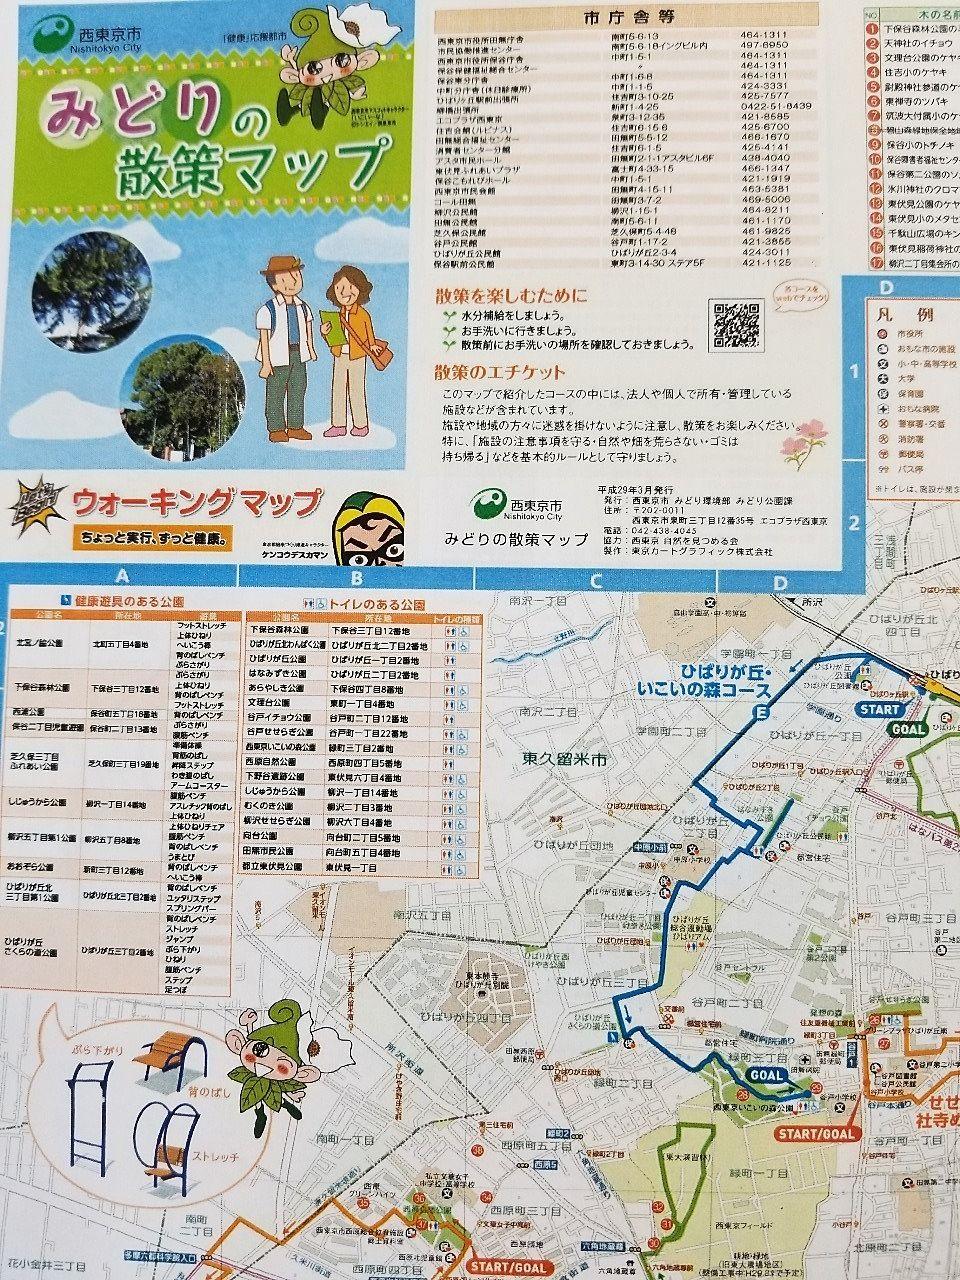 市役所で配布されるウオーキングマップ